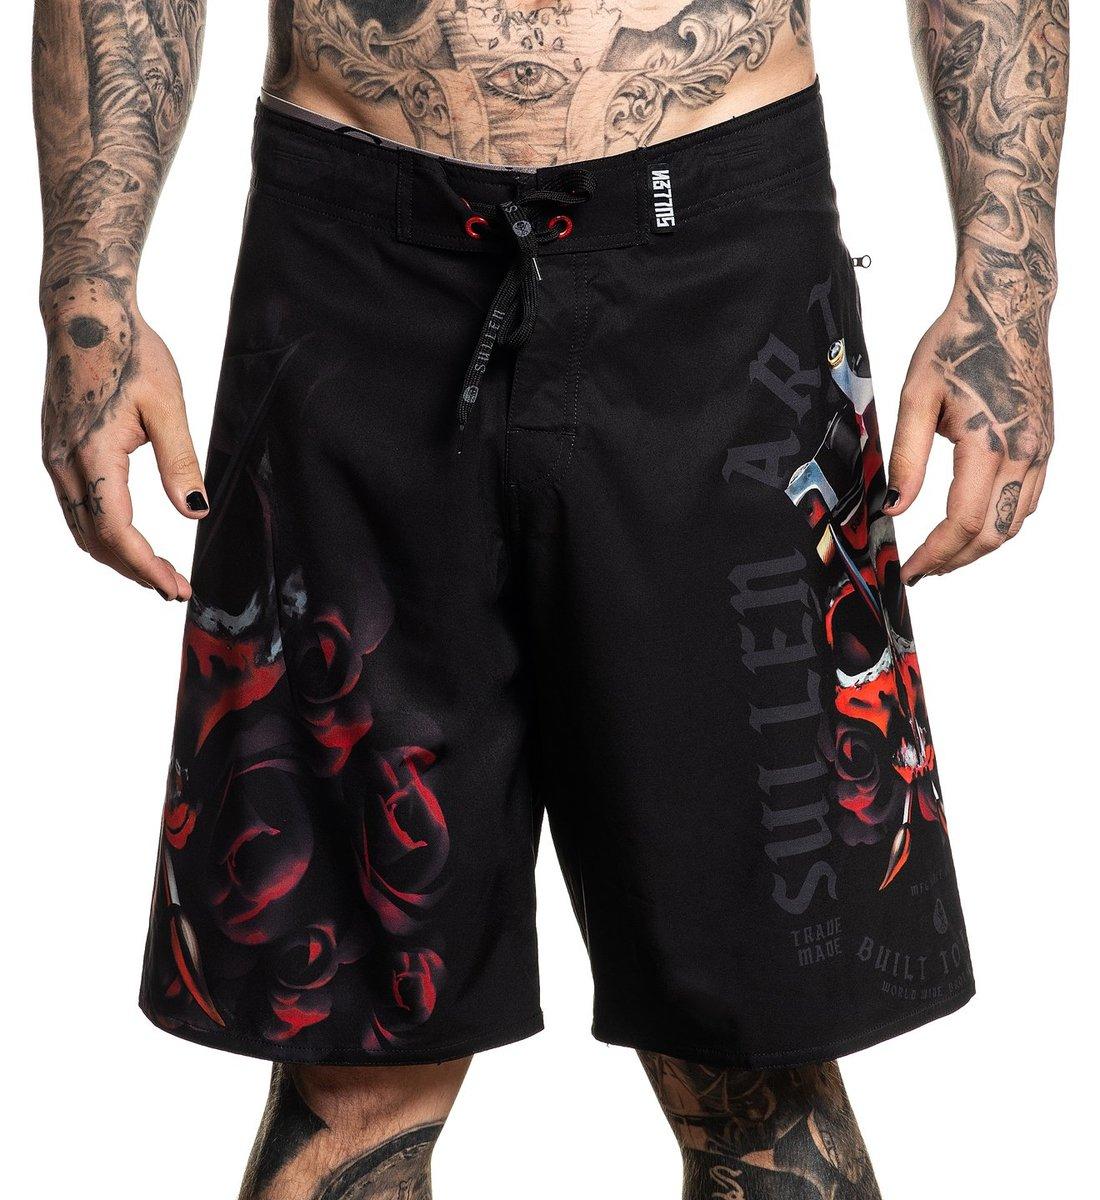 2d92d70197 Men's shorts (swimsuit) SULLEN - PANCHO - BLACK - SCM2331_BK - metal ...